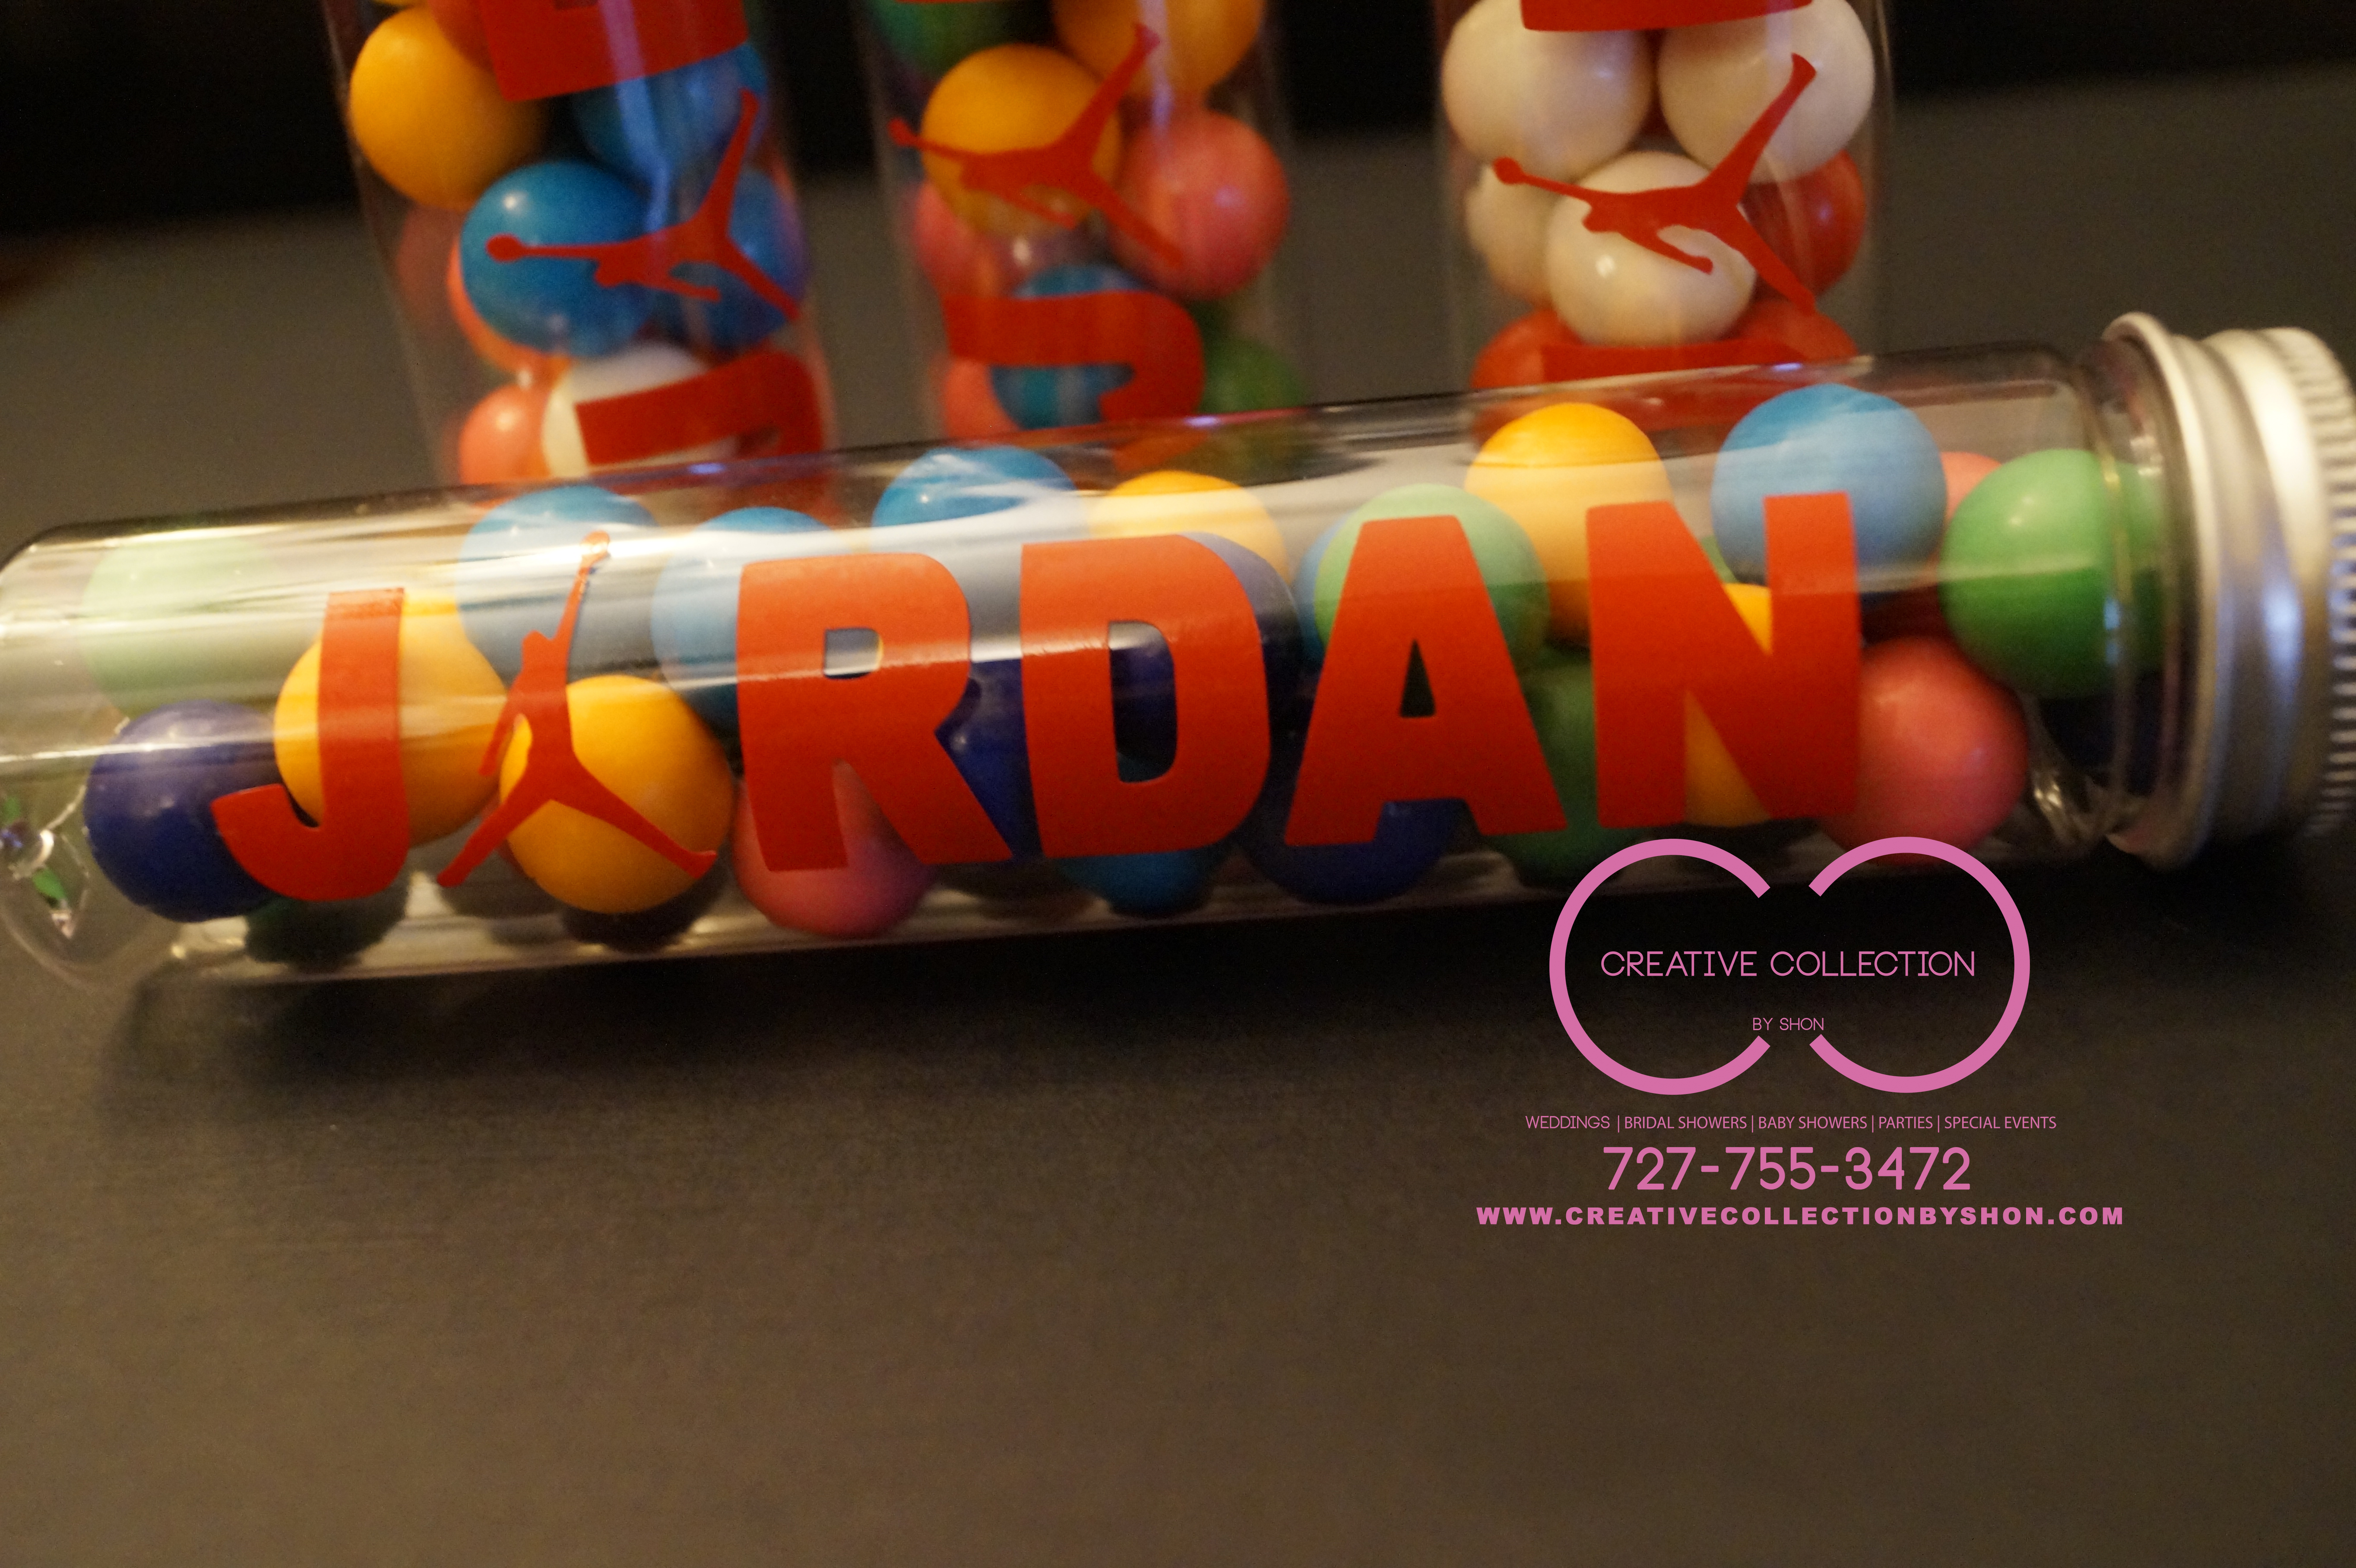 Jumpman Jordan Theme Empty Candy Tubes Creative